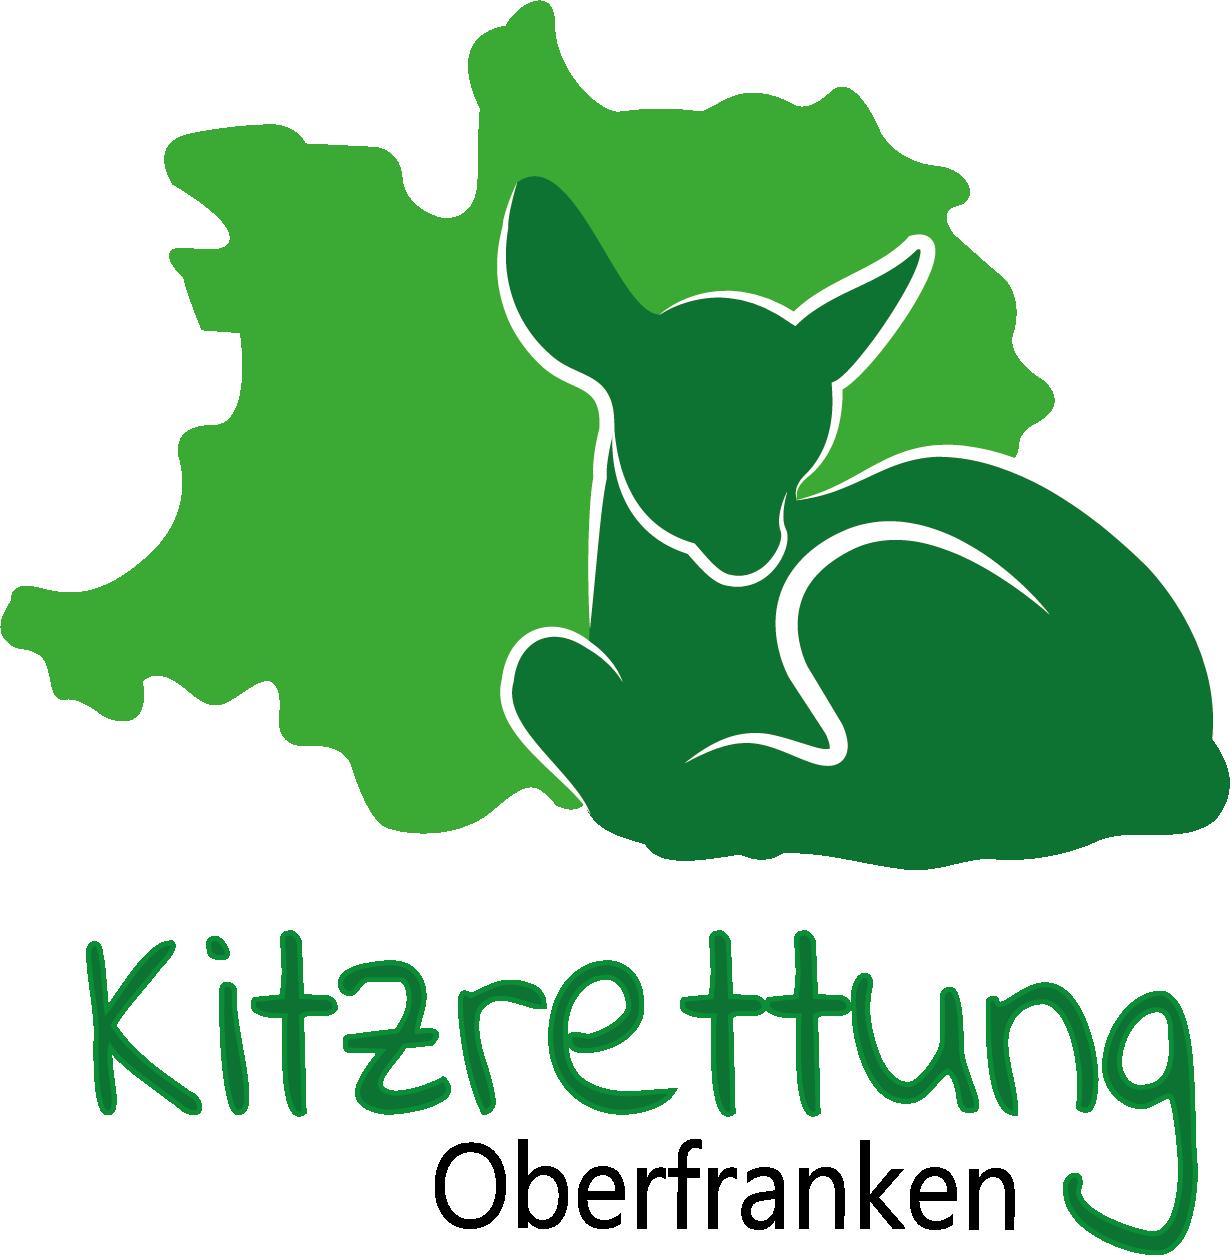 Kitzrettung Oberfranken - Vereine, private Initiativen, Drohnenpiloten, ehrenamtliche Helfer